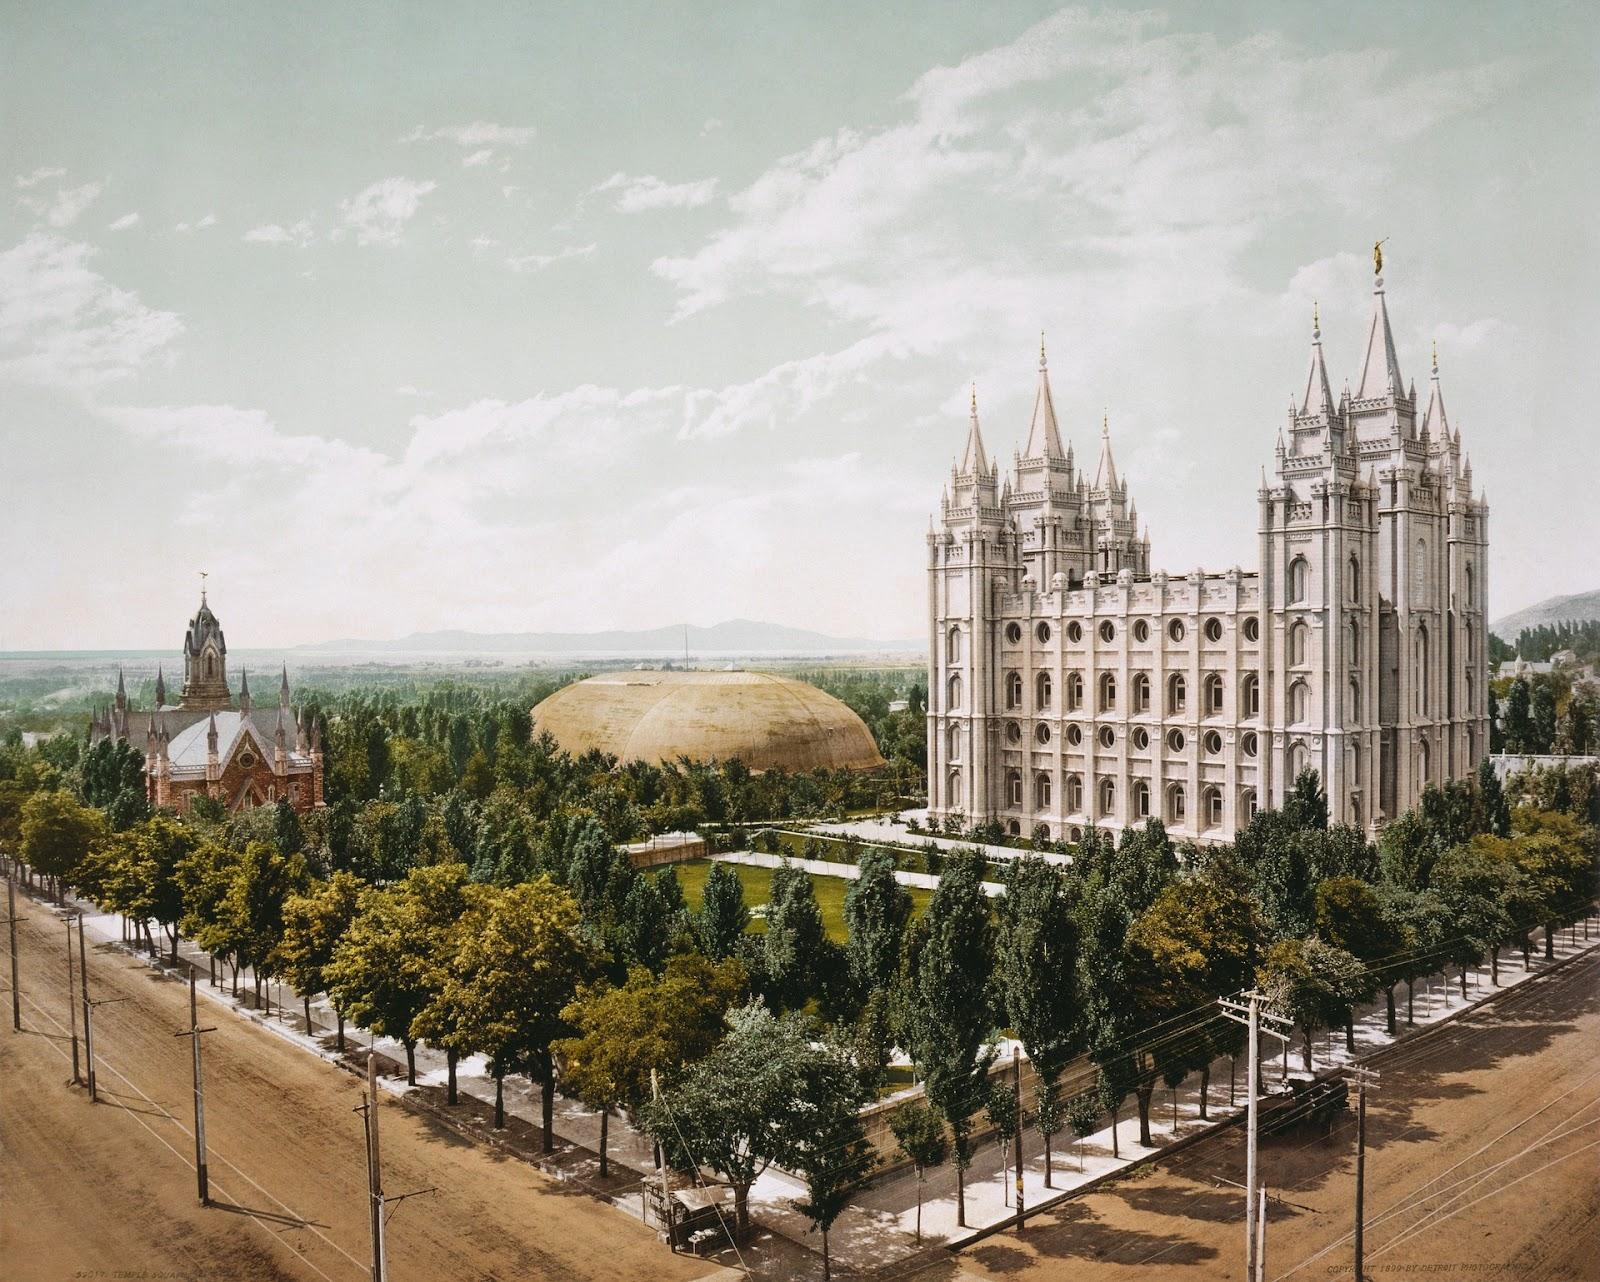 salt-lake-city-temple-square